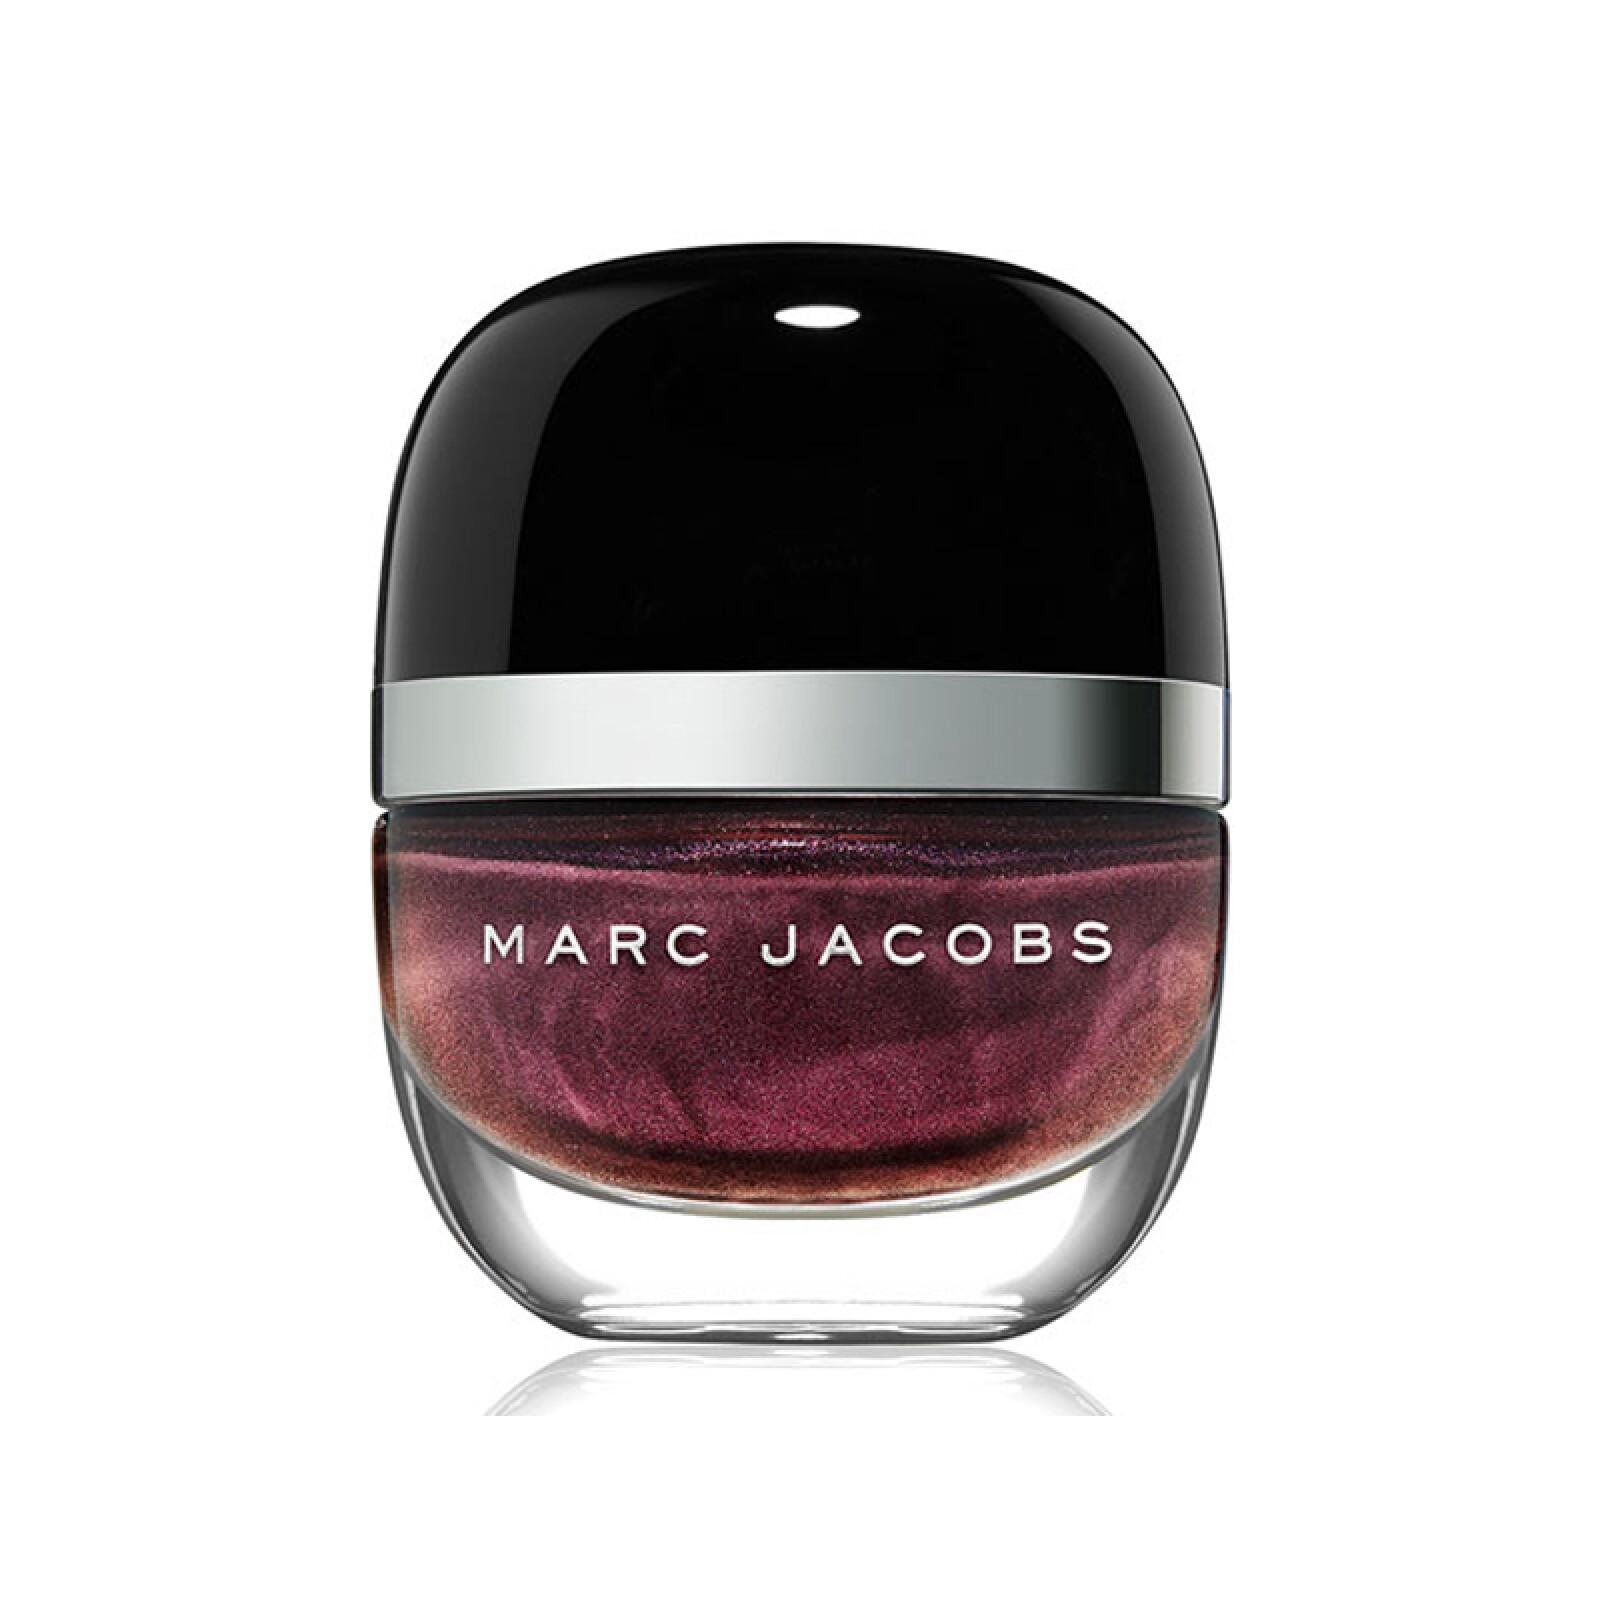 Marc-Jacobs-Enamored-Hi-Shine-Lacquer.jpg